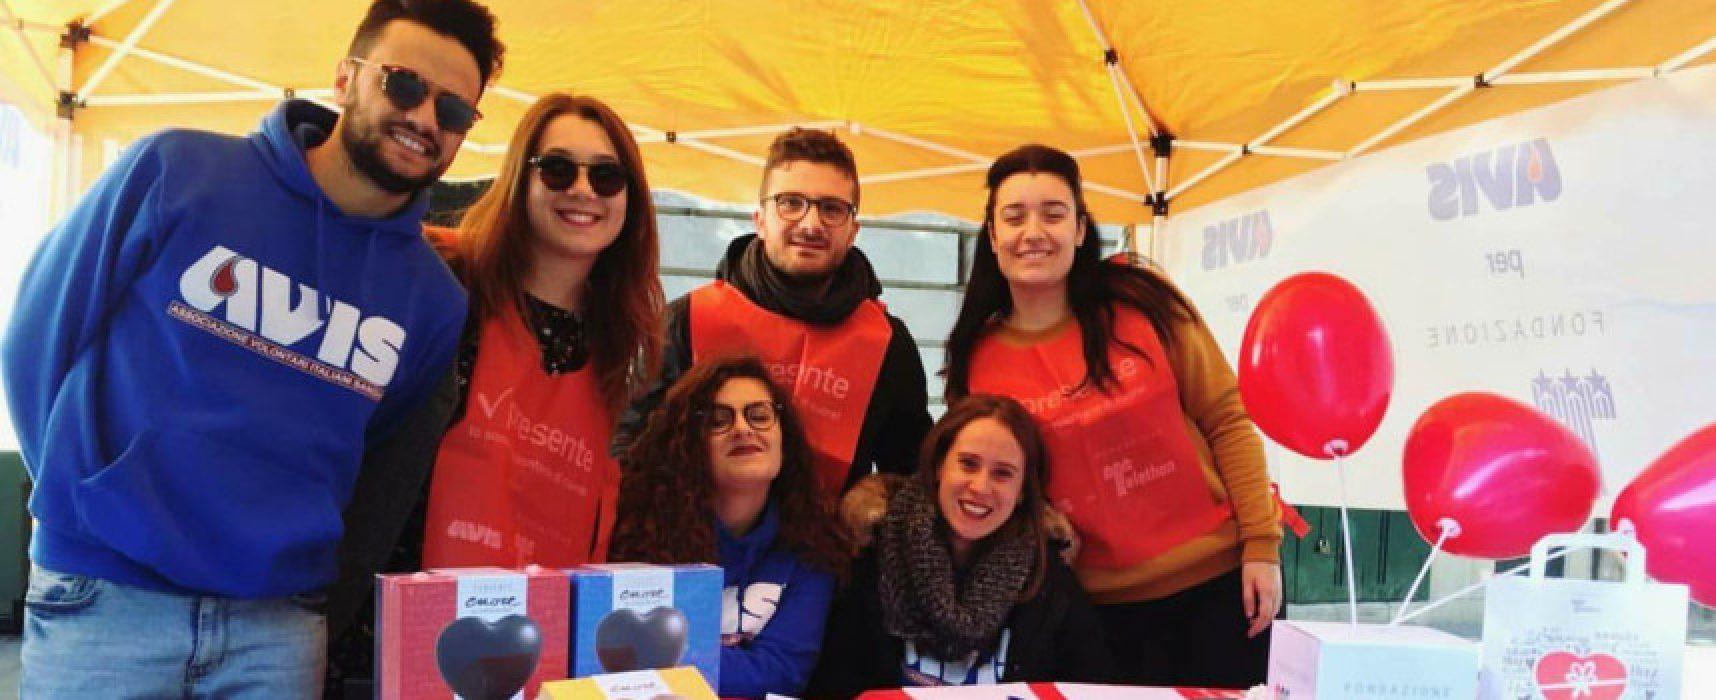 Gruppo giovani Avis Bisceglie e Fondazione Telethon raccolgono fondi per la ricerca